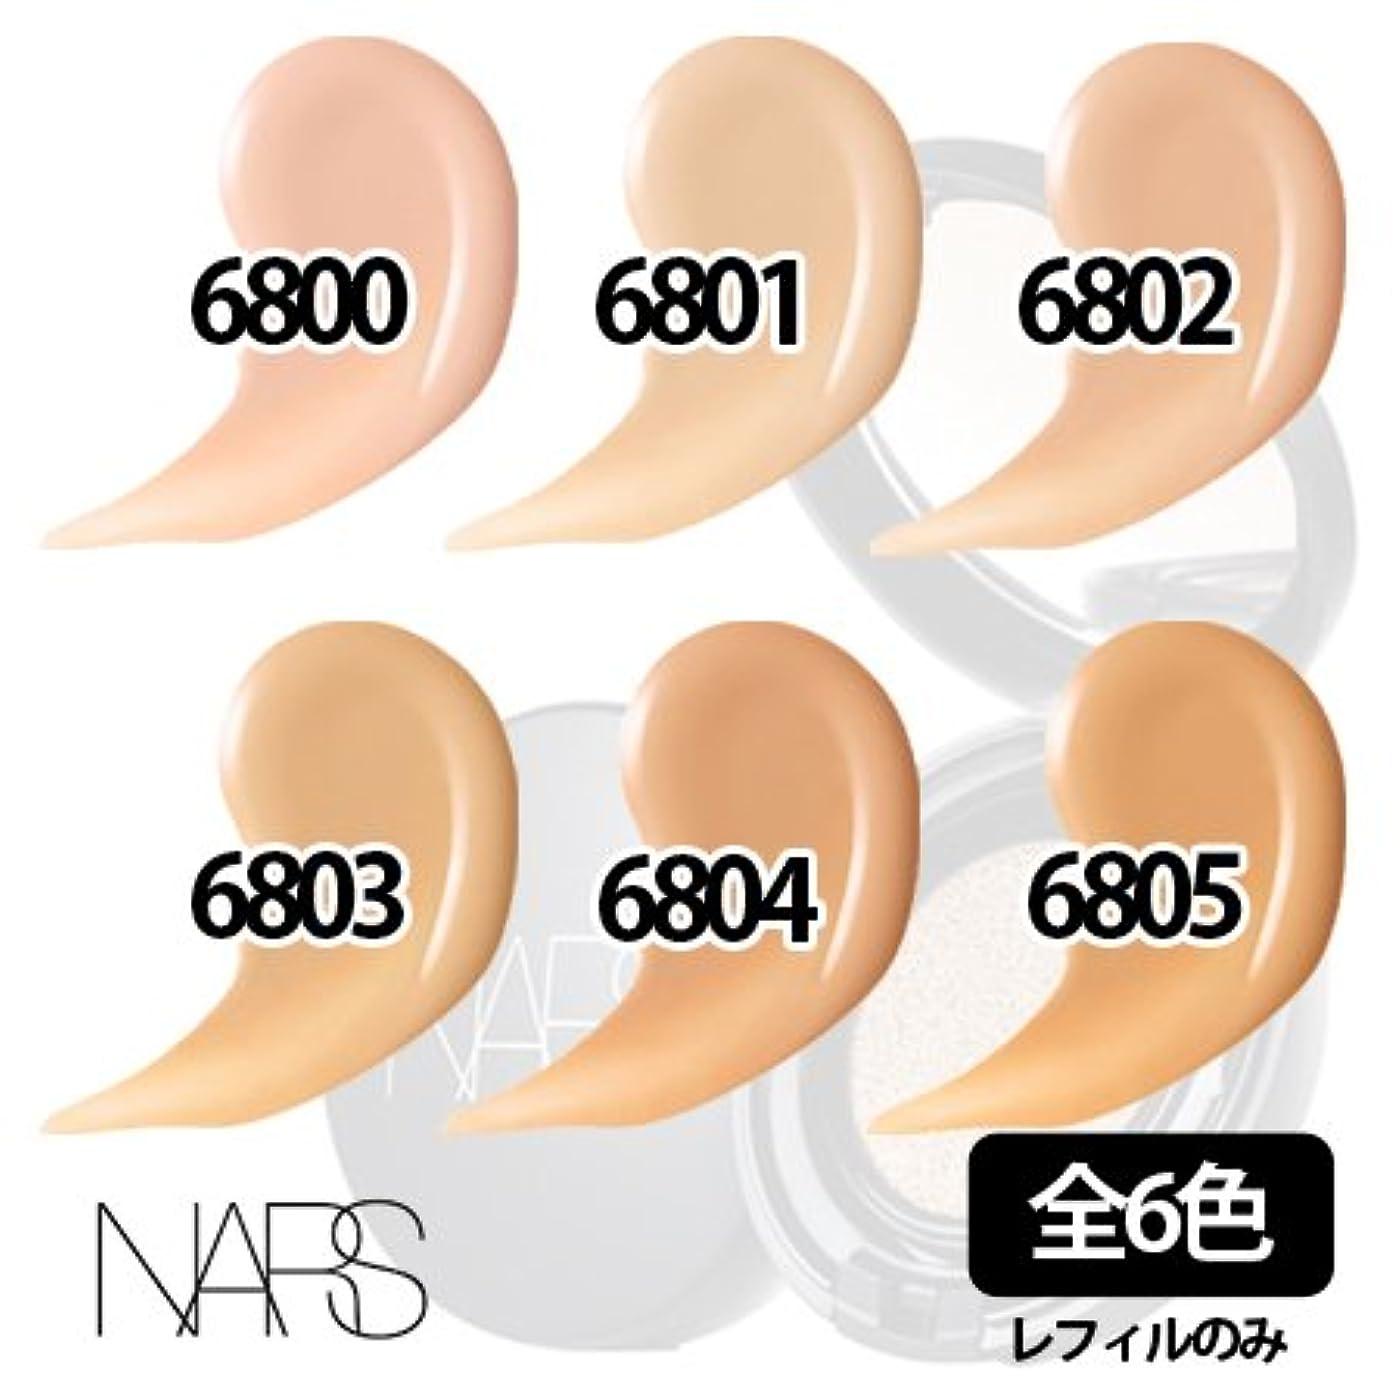 昼寝寝てる実際のナーズ アクアティック グロー クッションコンパクト 全6色 [アジア限定] -NARS- (レフィルのみ ※スポンジ付き) 【並行輸入品】 6805